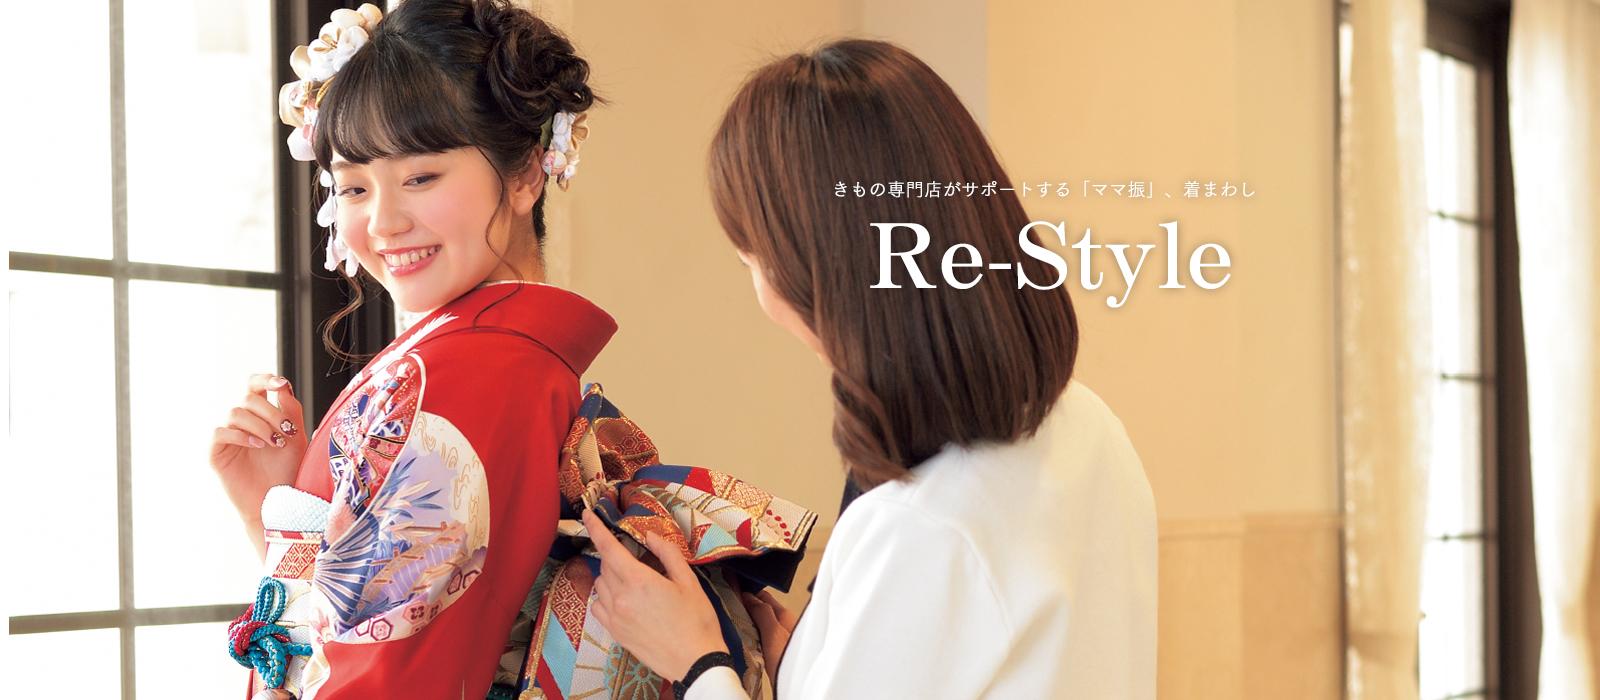 きもの専門店がサポートする「ママ振」、着まわし Re-Style